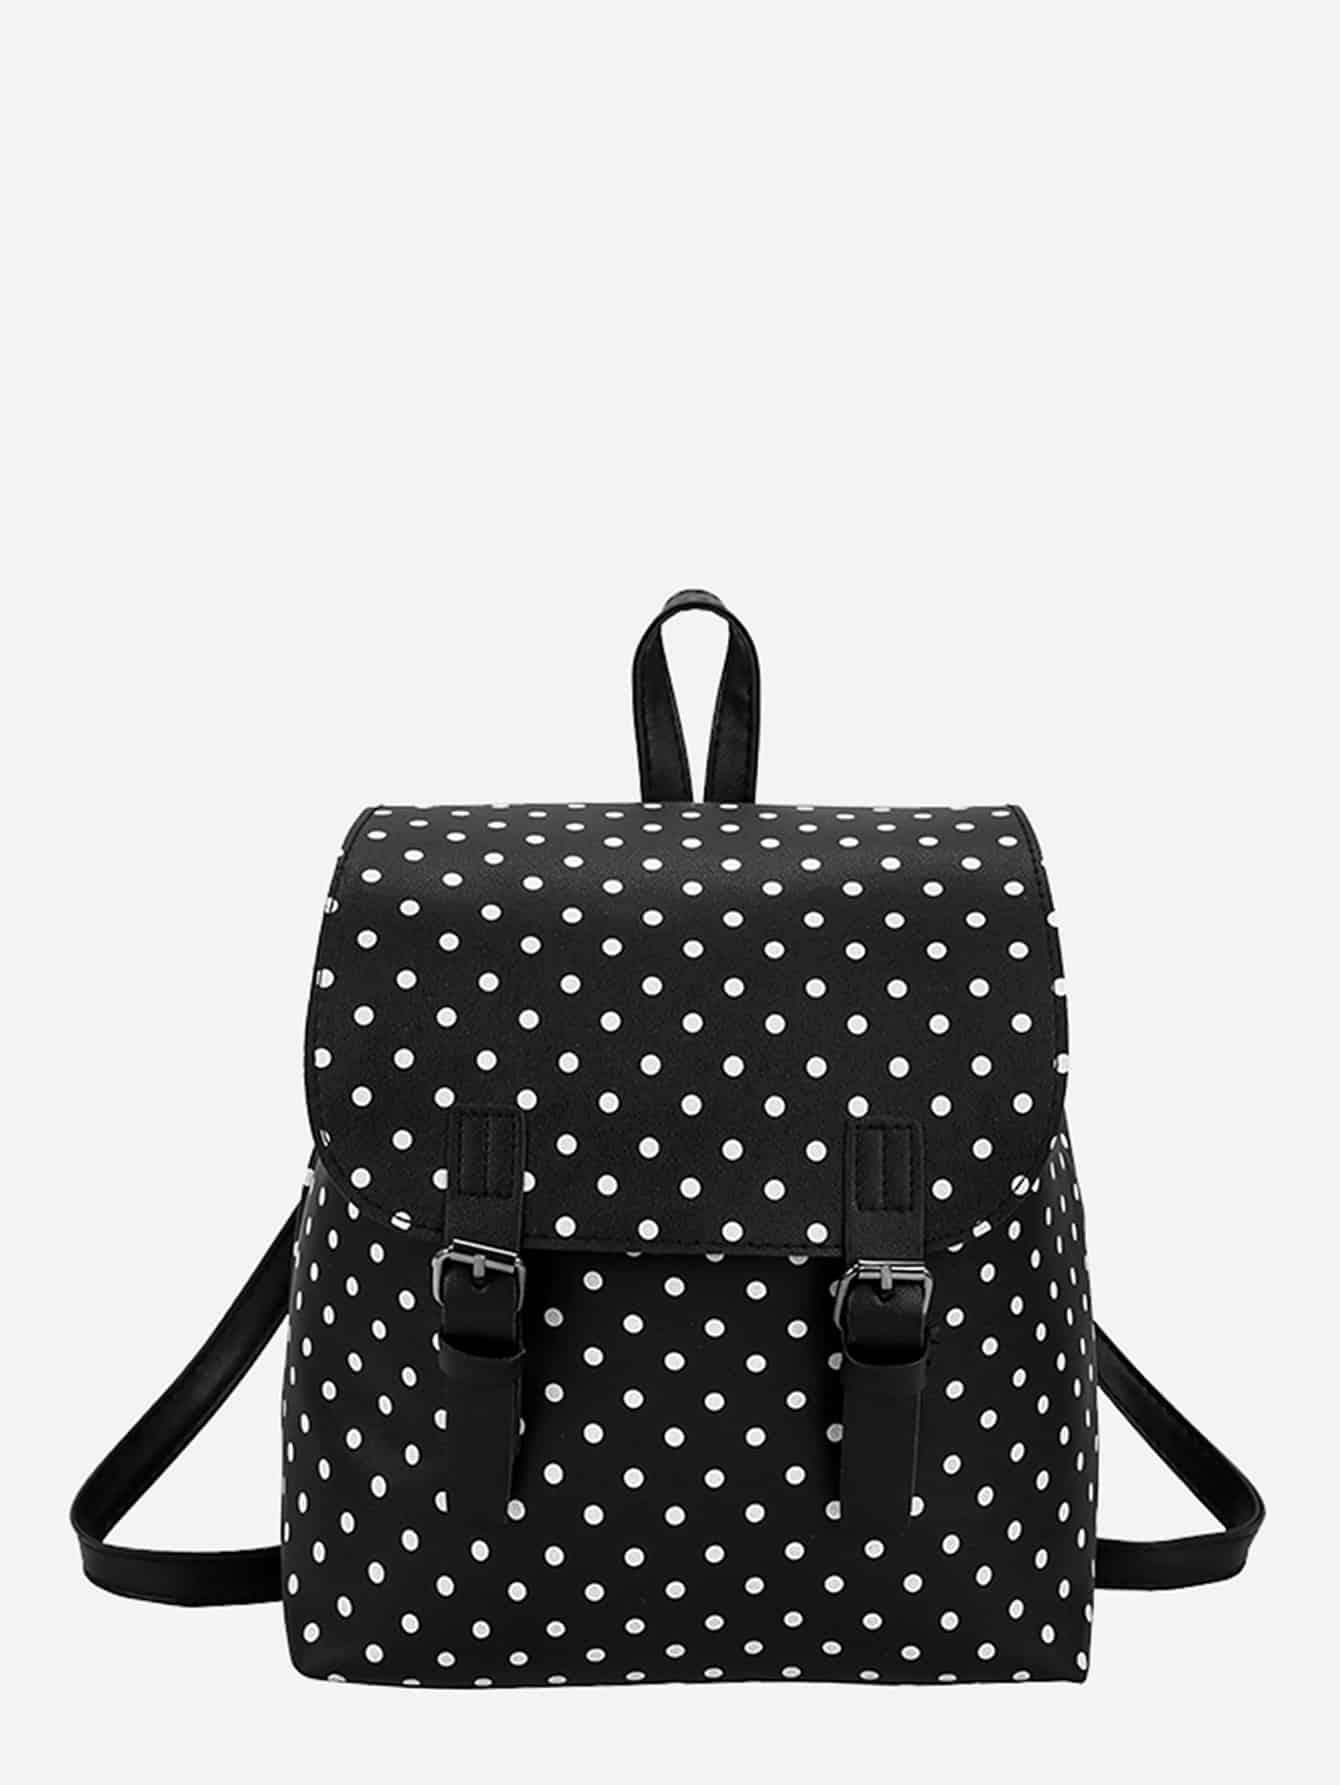 0da42c36b3 Backpacks, women's Rucksacks, & Leather Backpacks   SHEIN IN